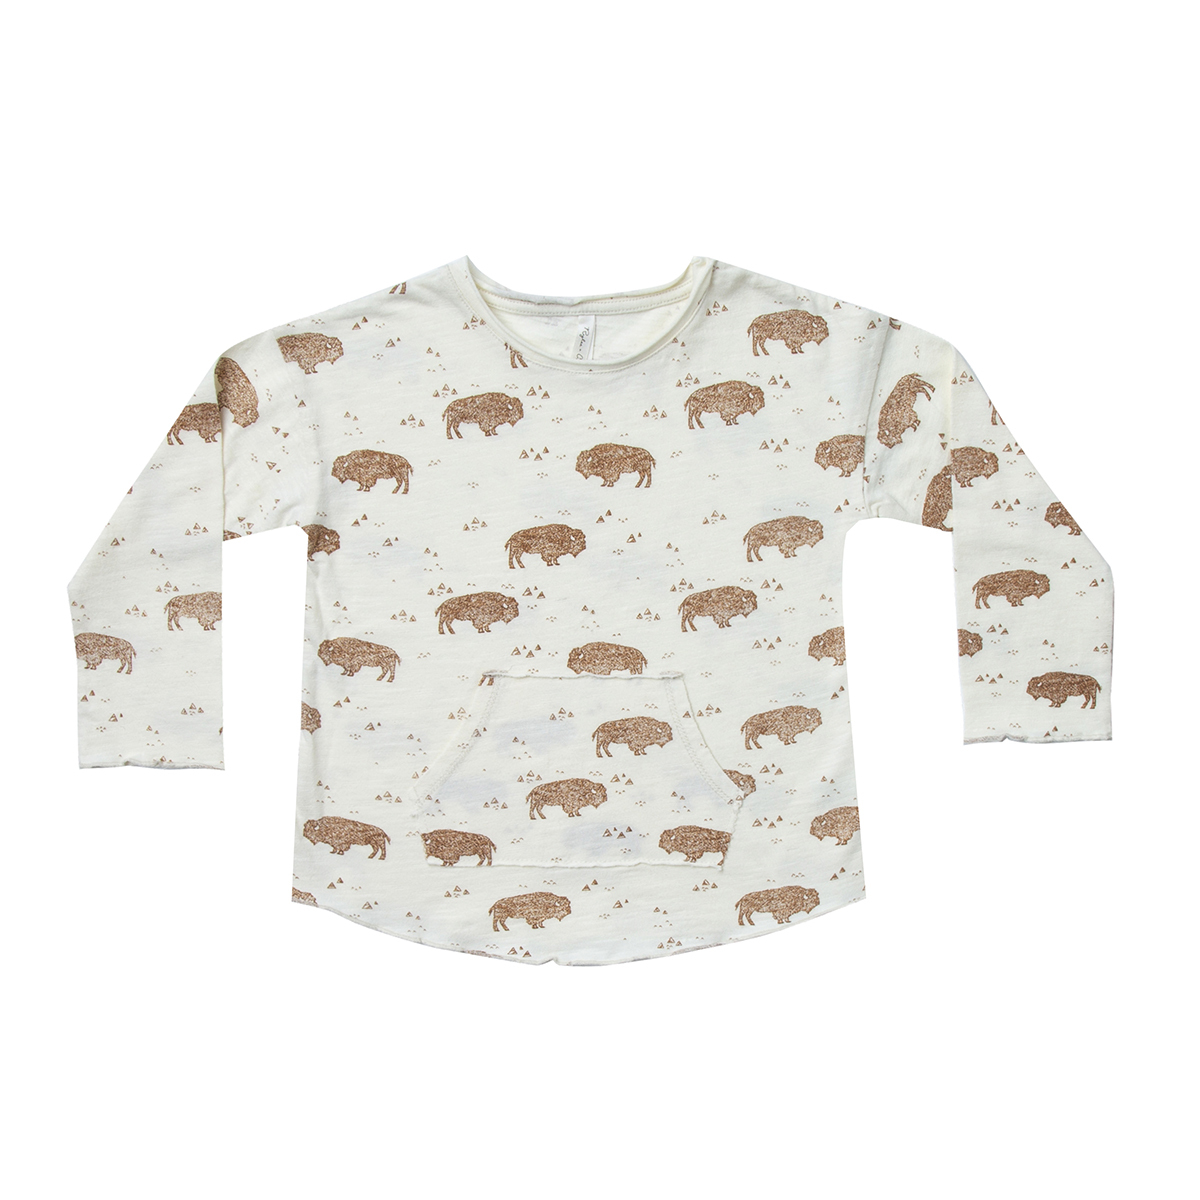 Hauts bébé T-shirt Buffalo Ivoire - 6/12 Mois T-shirt Buffalo Ivoire - 6/12 Mois